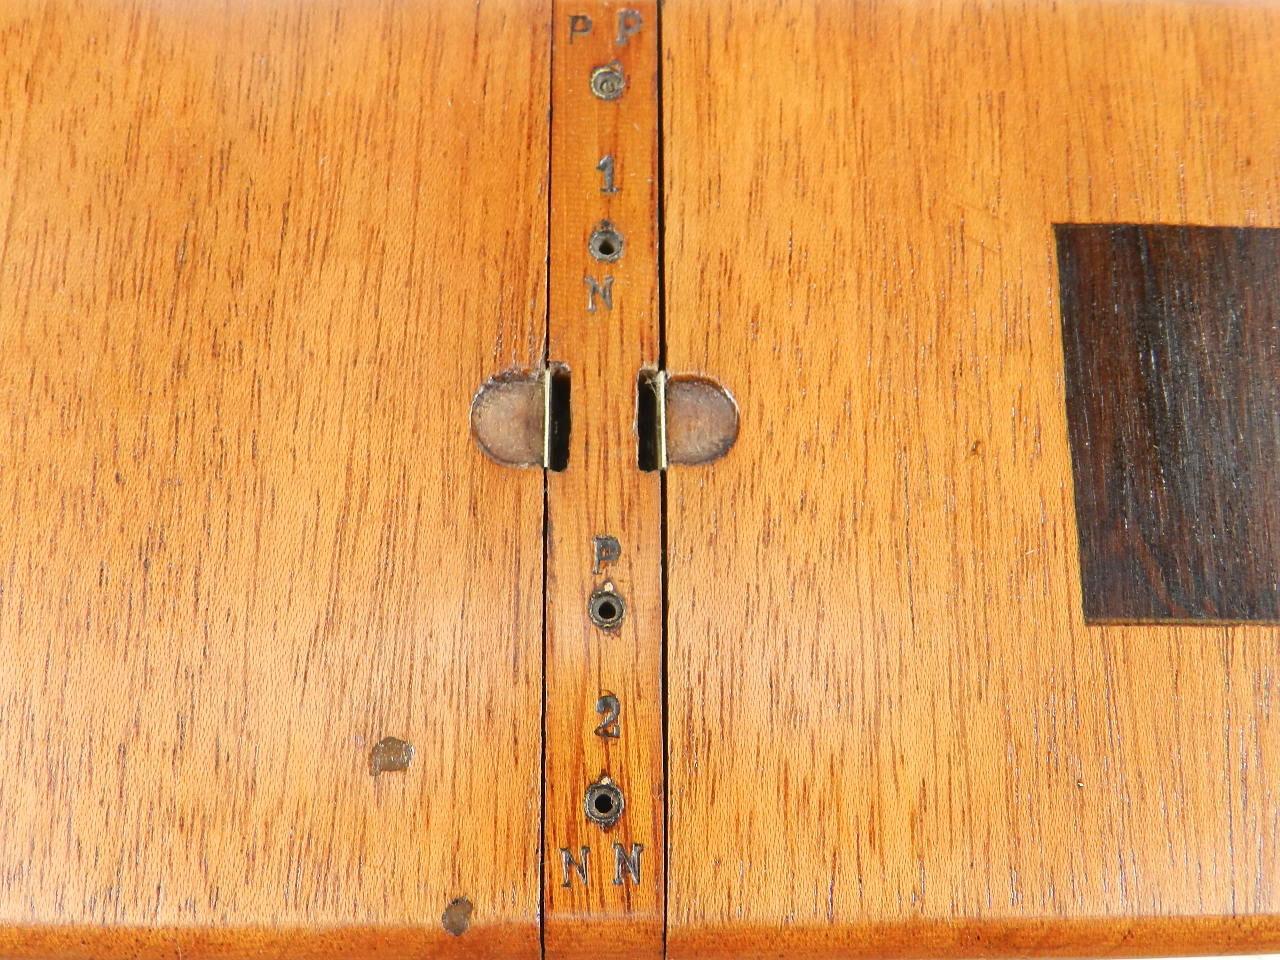 Imagen APARATO DE ELECTROSHOCK AÑO 1900 24411